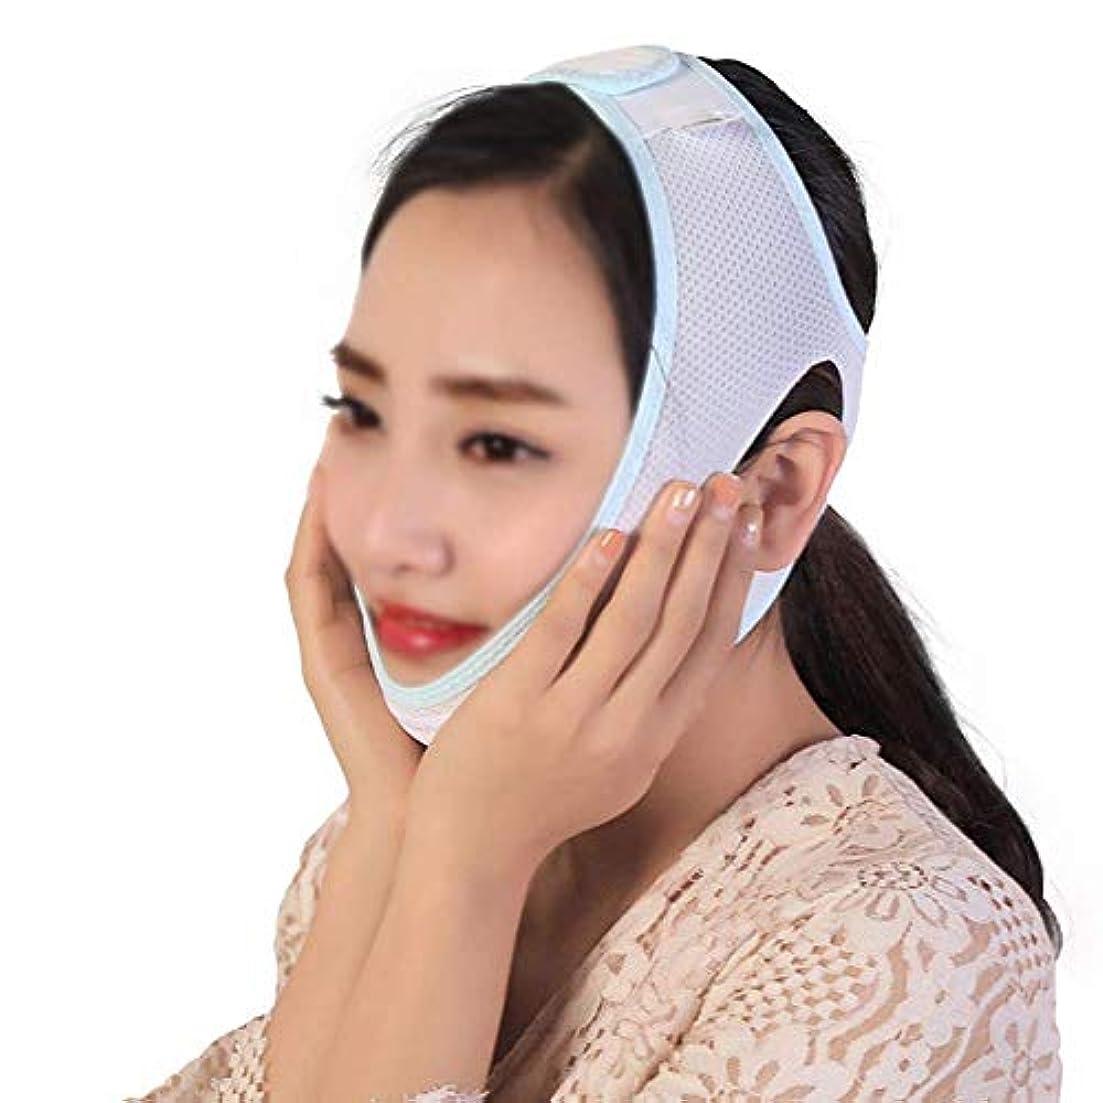 助けになる高音検出可能ファーミングフェイスマスク、スモールVフェイスアーティファクトリフティングフェイスプラスチックフェイスマスクコンフォートアップグレードの最適化フェイスカーブの包括的な通気性包帯の改善(サイズ:L)